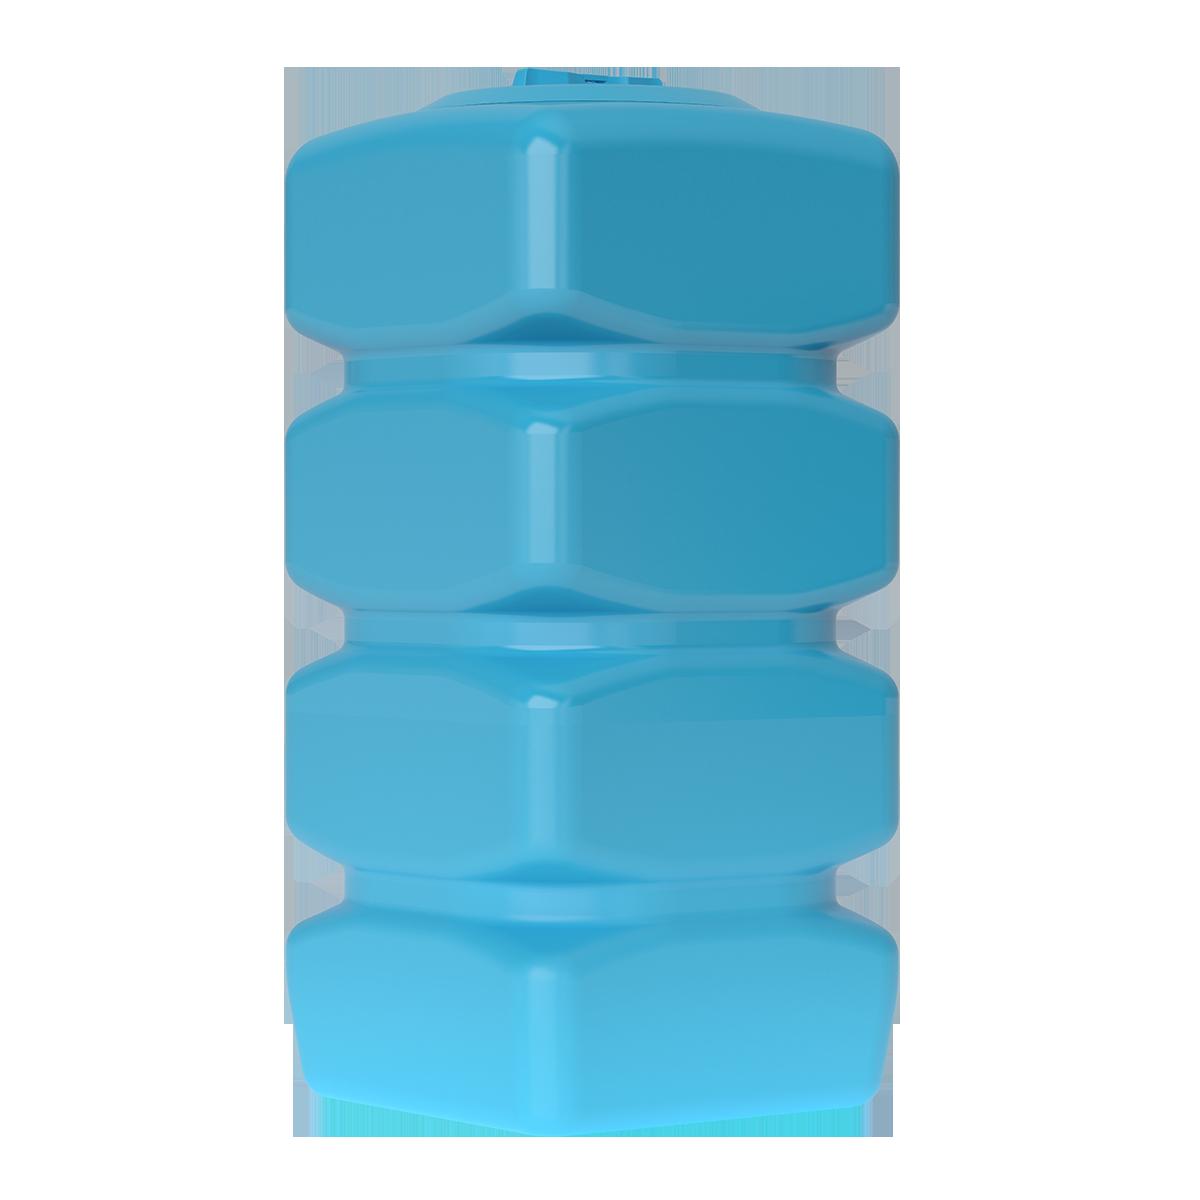 Бак для воды прямоугольный синий Quadro W 750 с поплавком - фото